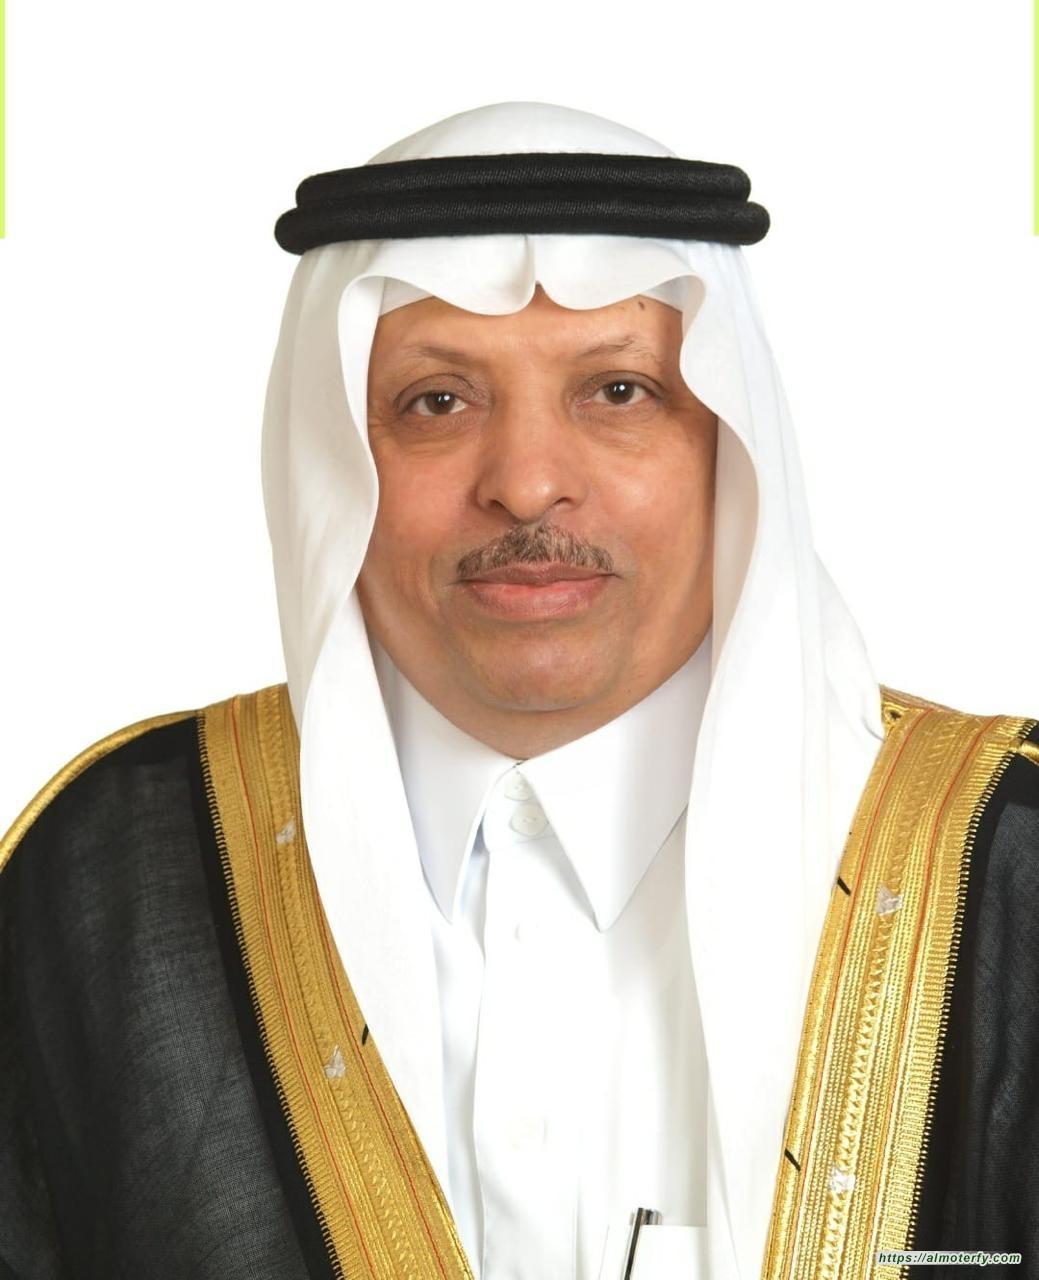 رئيس لجنةالأوراق المالية بغرفة جدة محمد النفيعي :  أسهم أرامكو تساهم بدعم الفرص الاستثمارية